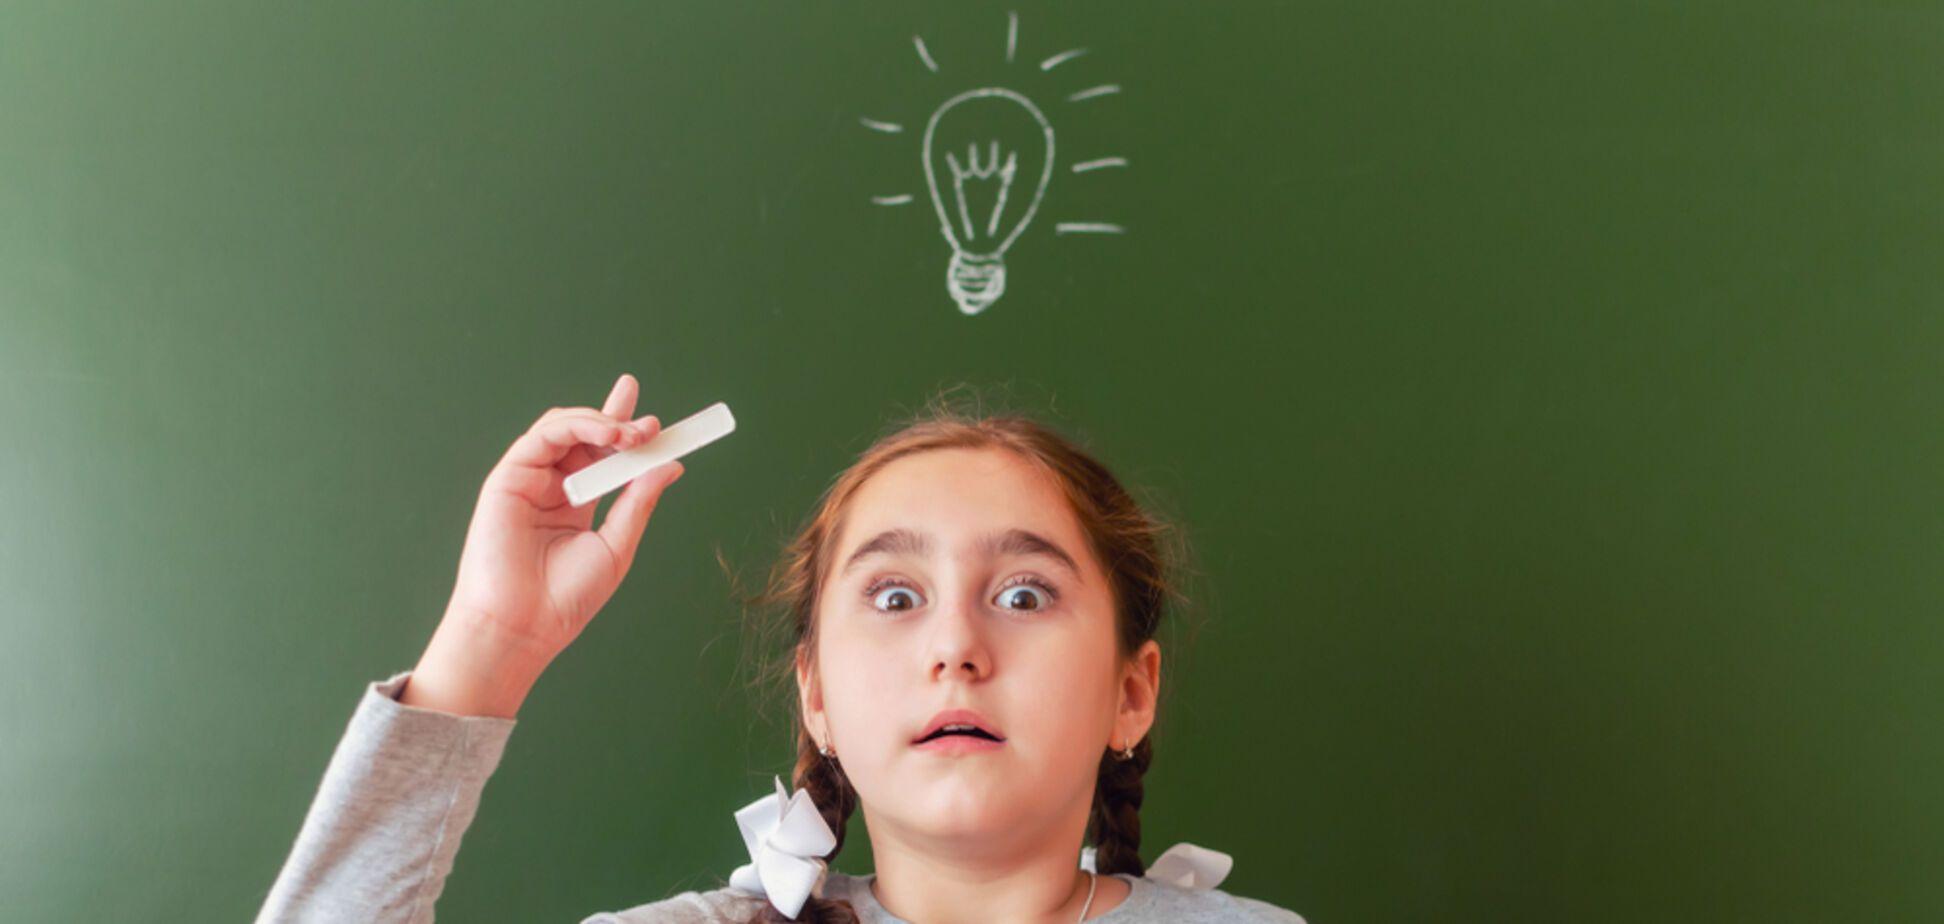 Лікувати рак содою та інші мракобісні поради зі шкільного підручника